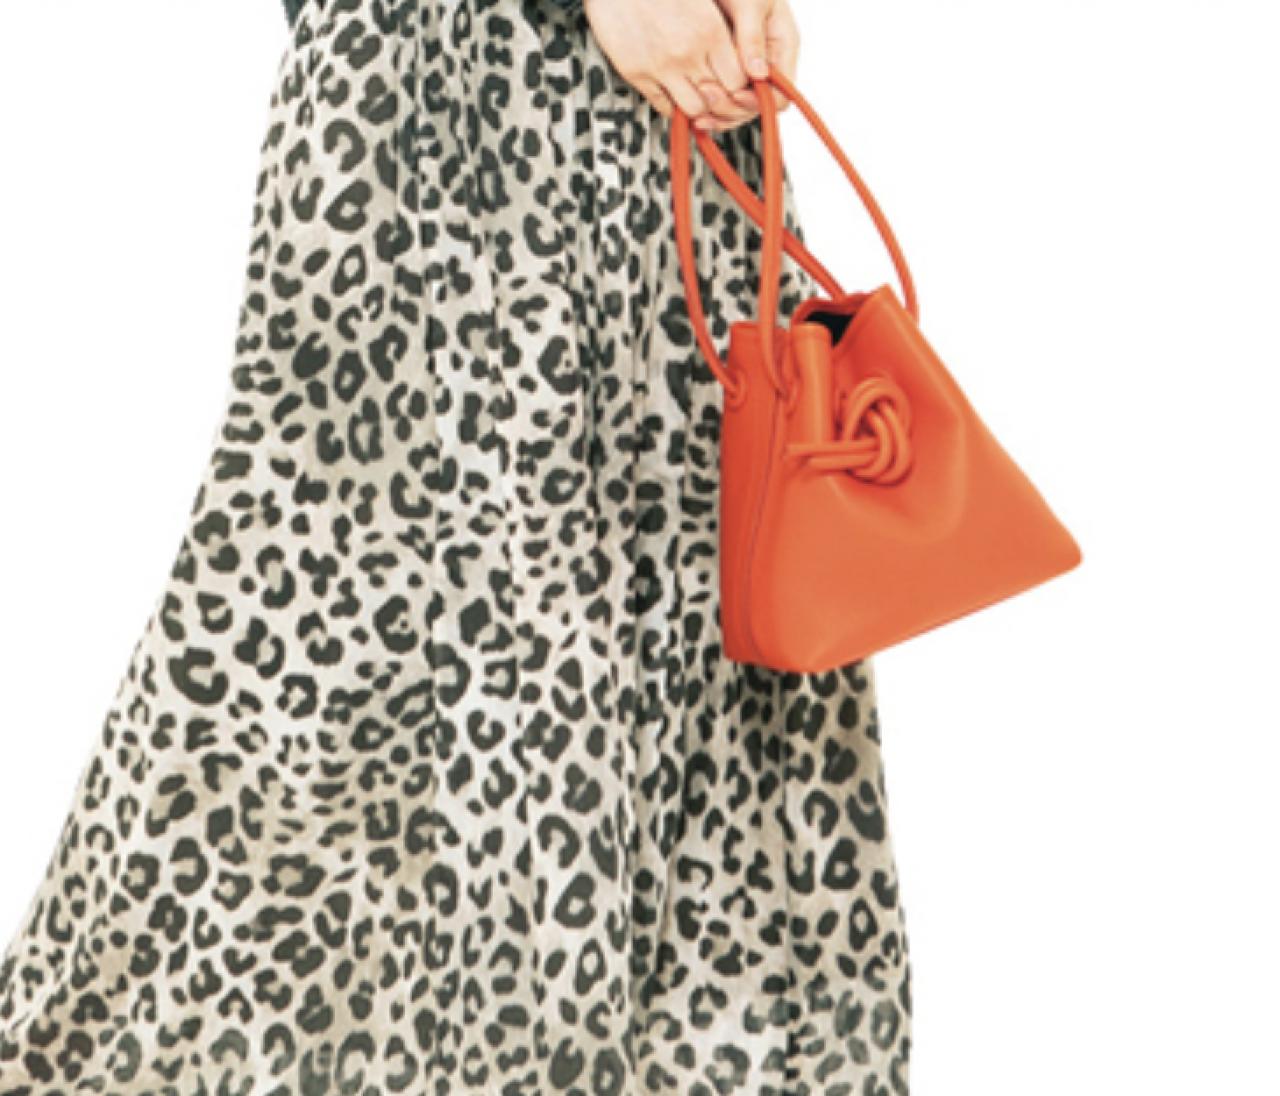 【黒バッグばっかり持ってる症候群】の30代女子がこの秋買うべき2大バッグ